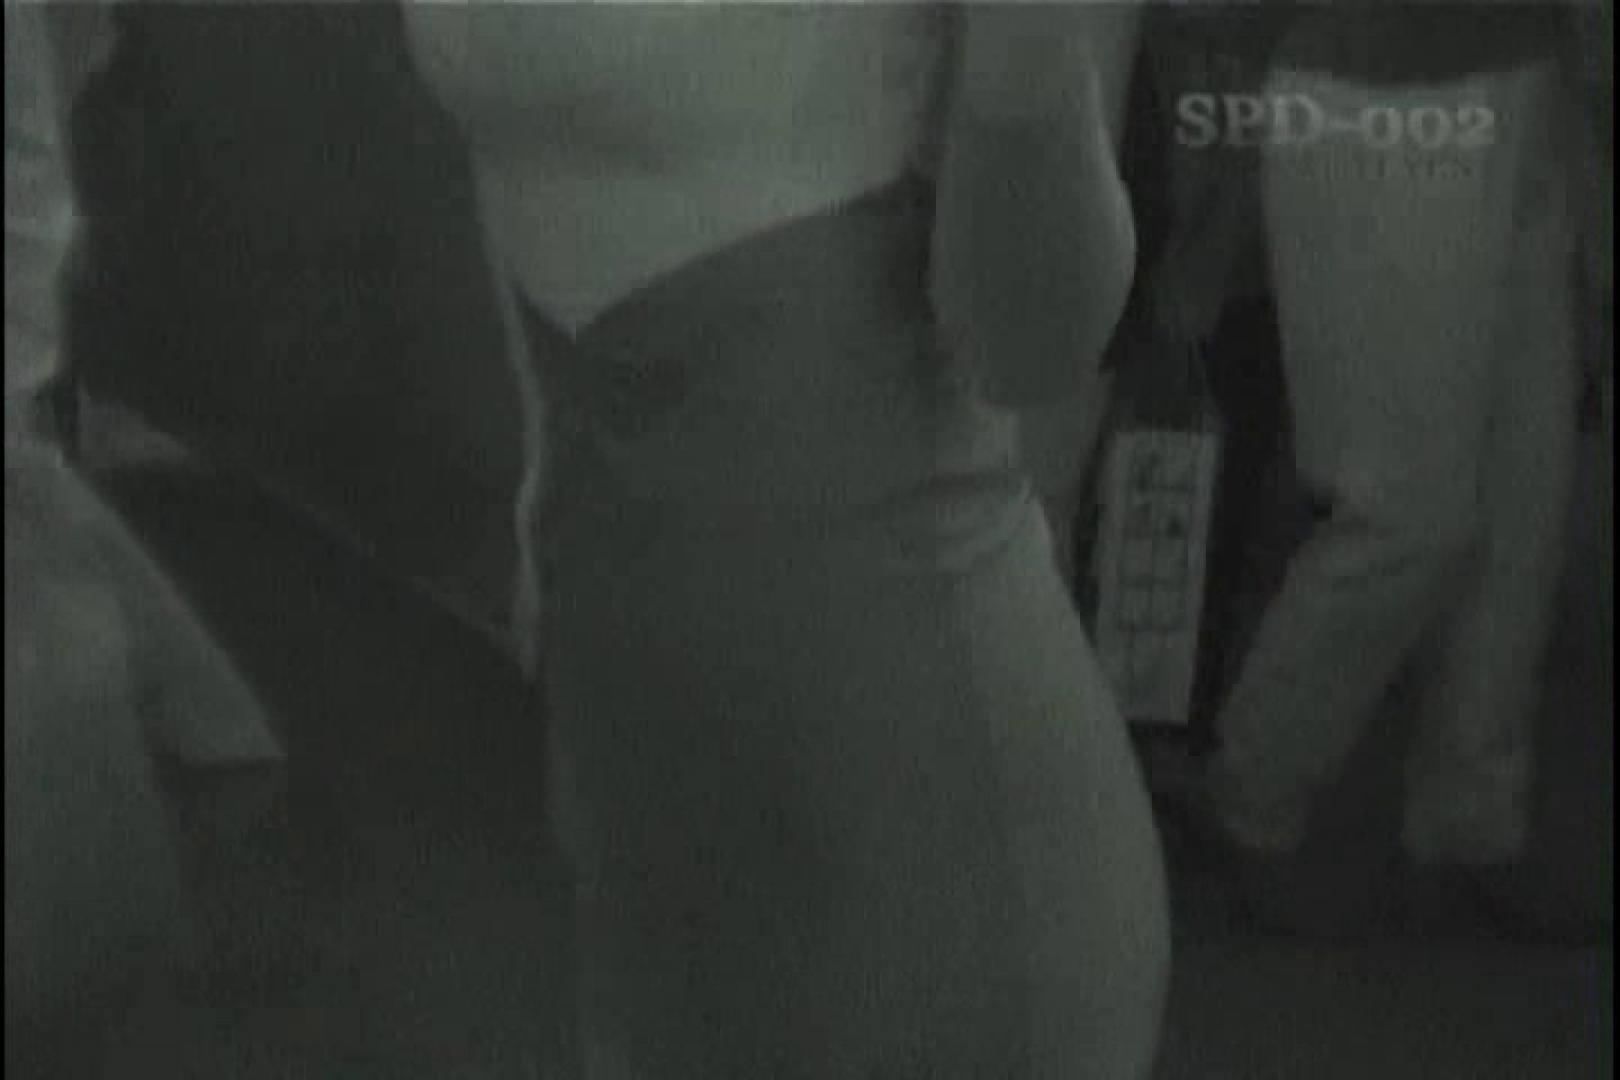 高画質版!SPD-002 レースクイーン 赤外線&盗撮 名作映像 SEX無修正画像 85PIX 4